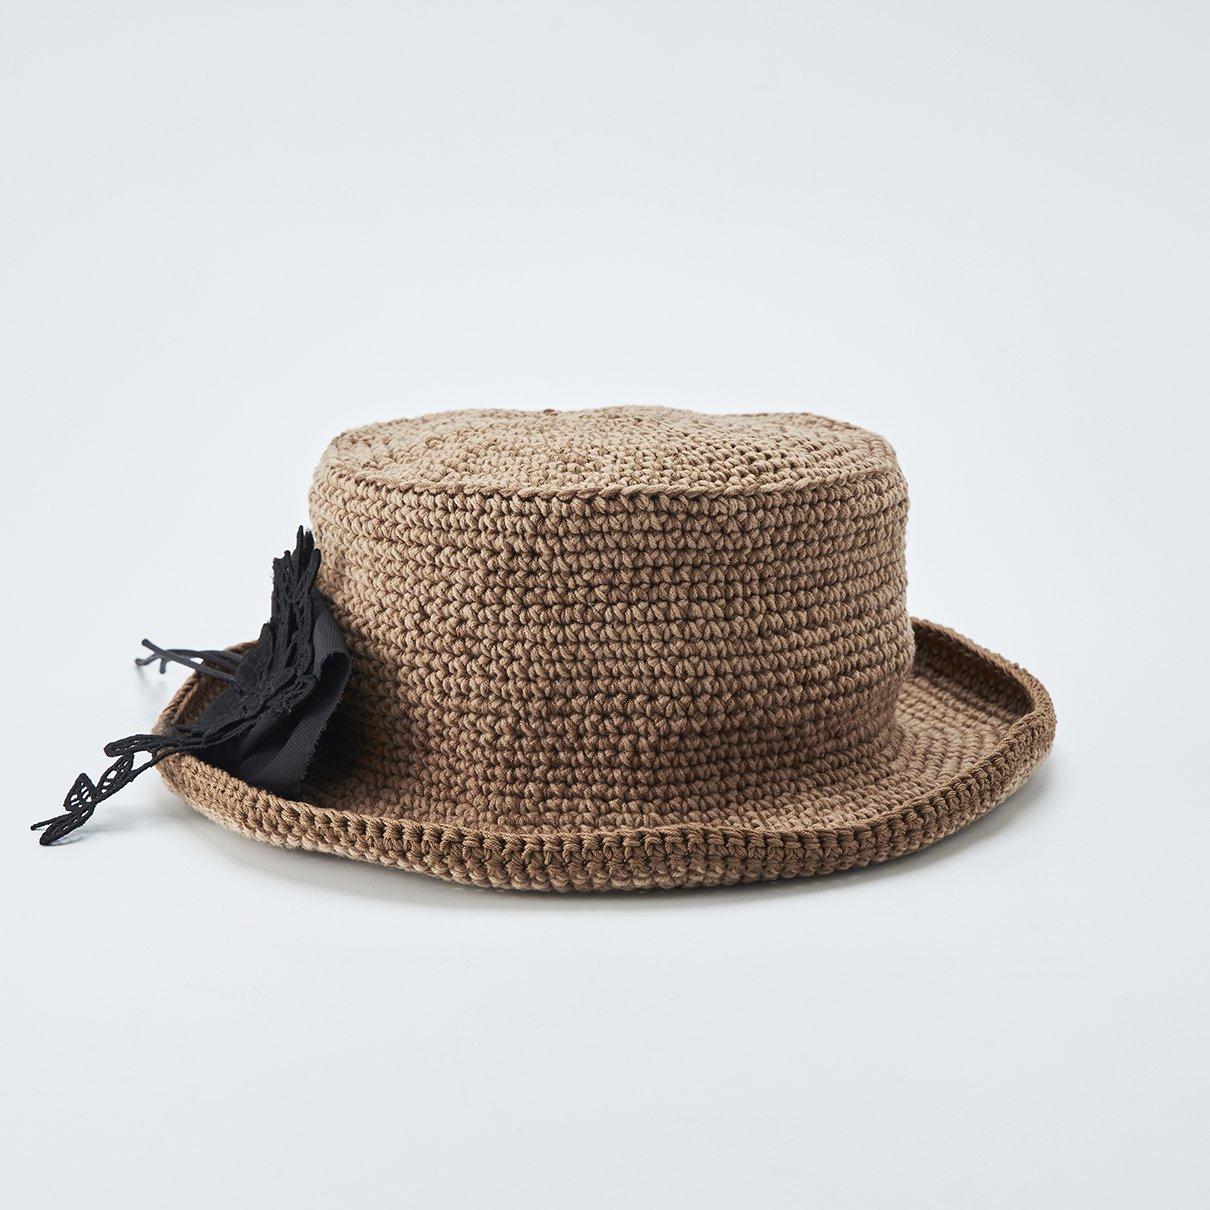 コサージュがポイントの帽子(コサージュ付き)